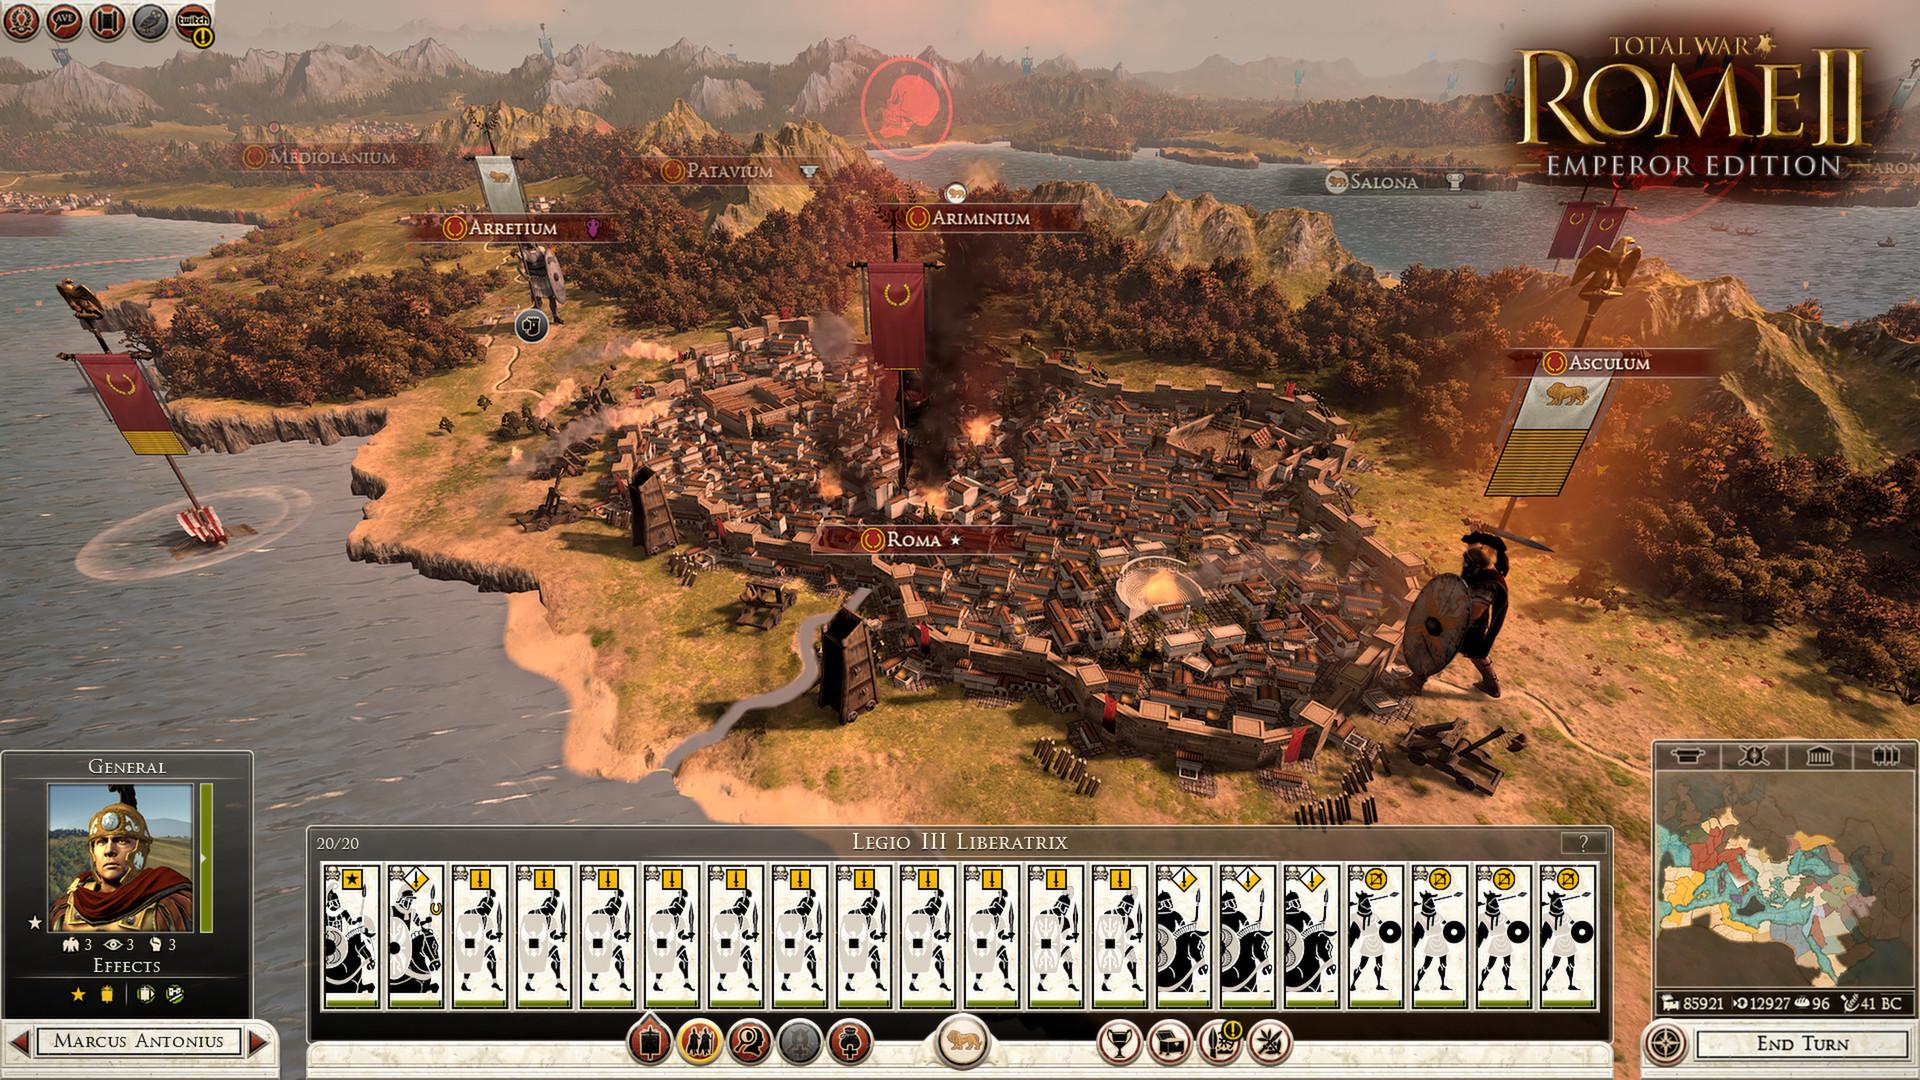 Resultado de imagen para Total War ROME II Emperor